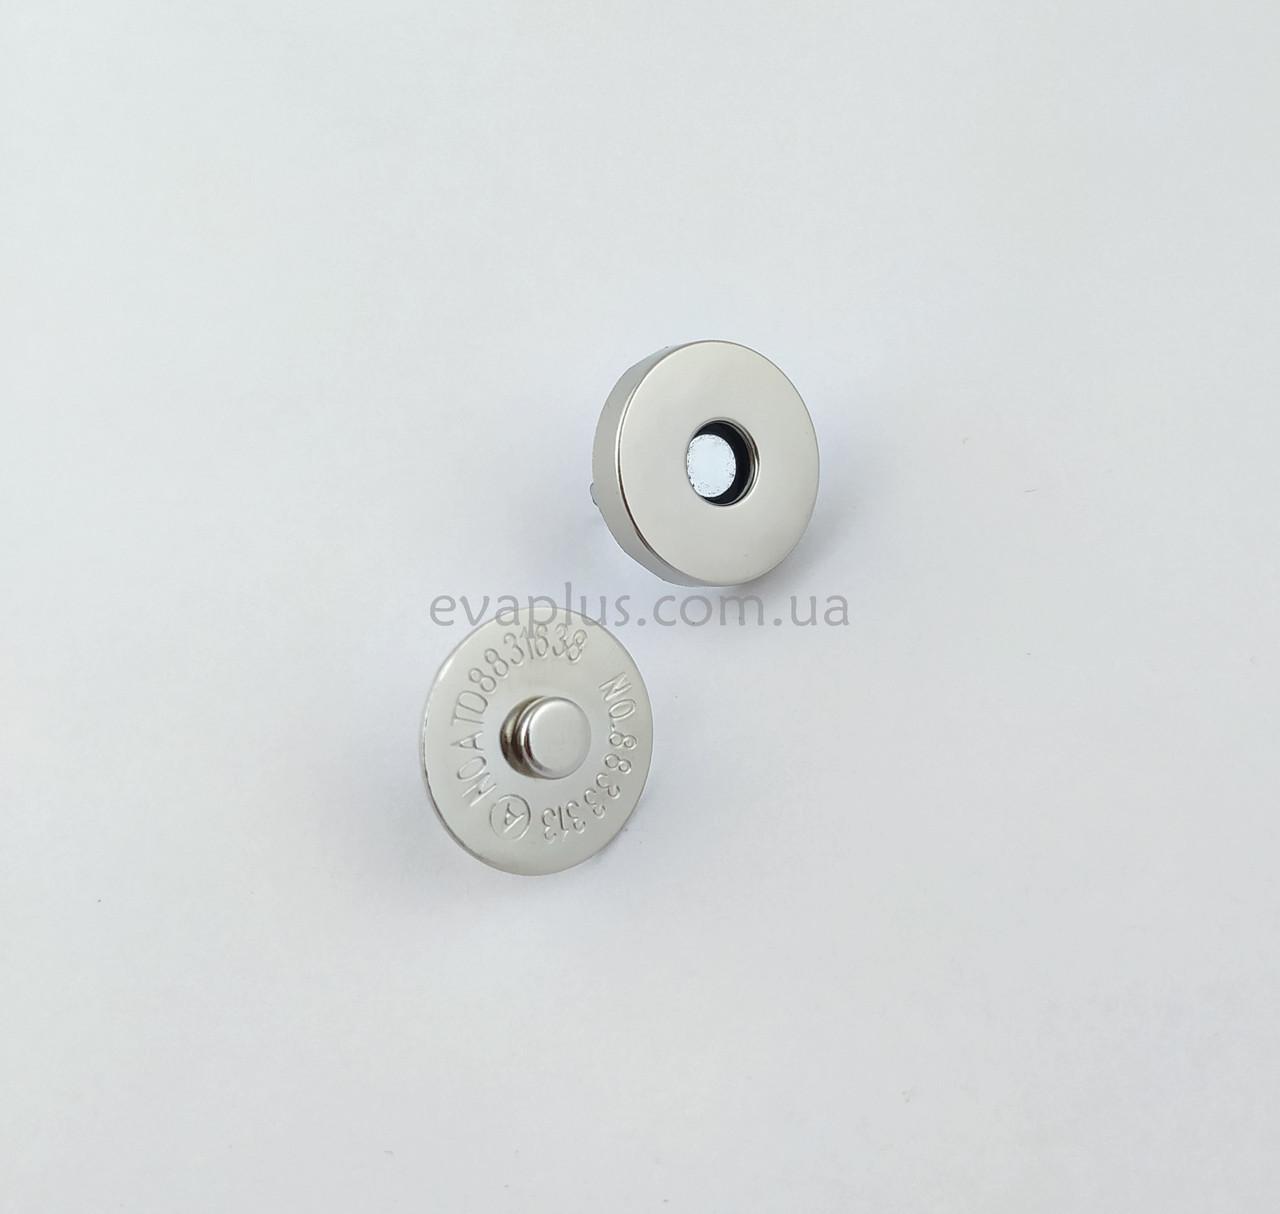 Магнітна кнопка для сумки Т5107 нікель